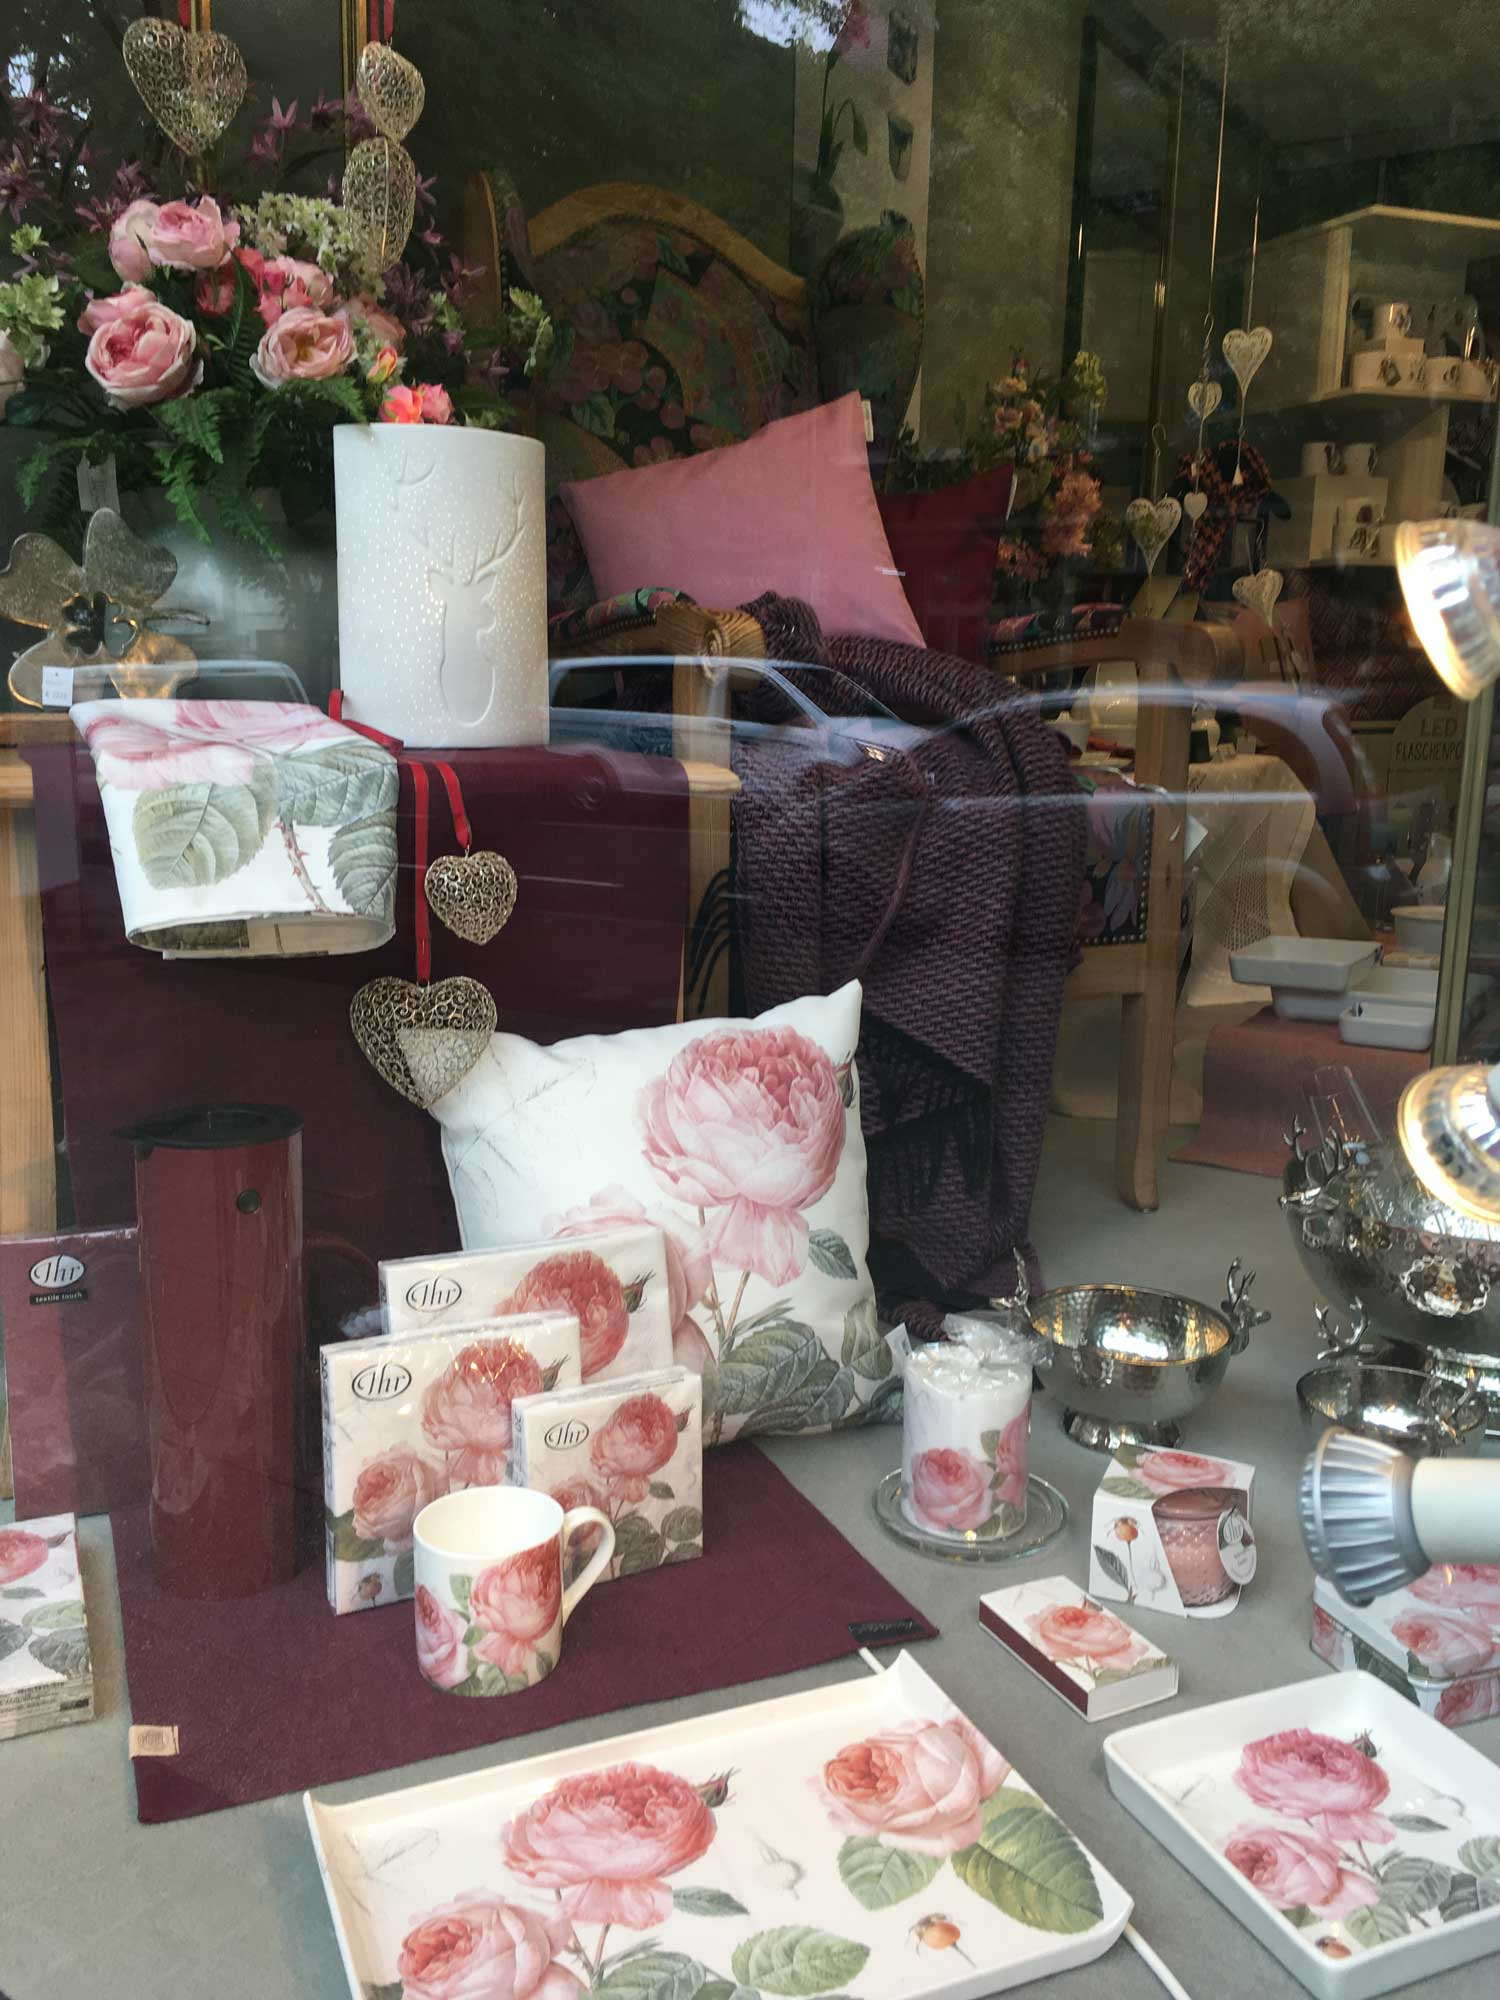 Rosen auf Bechern, Schalen, Tabletts,Textilien, Kerzen. Eine Freude für Blumen- und Rosenfans.